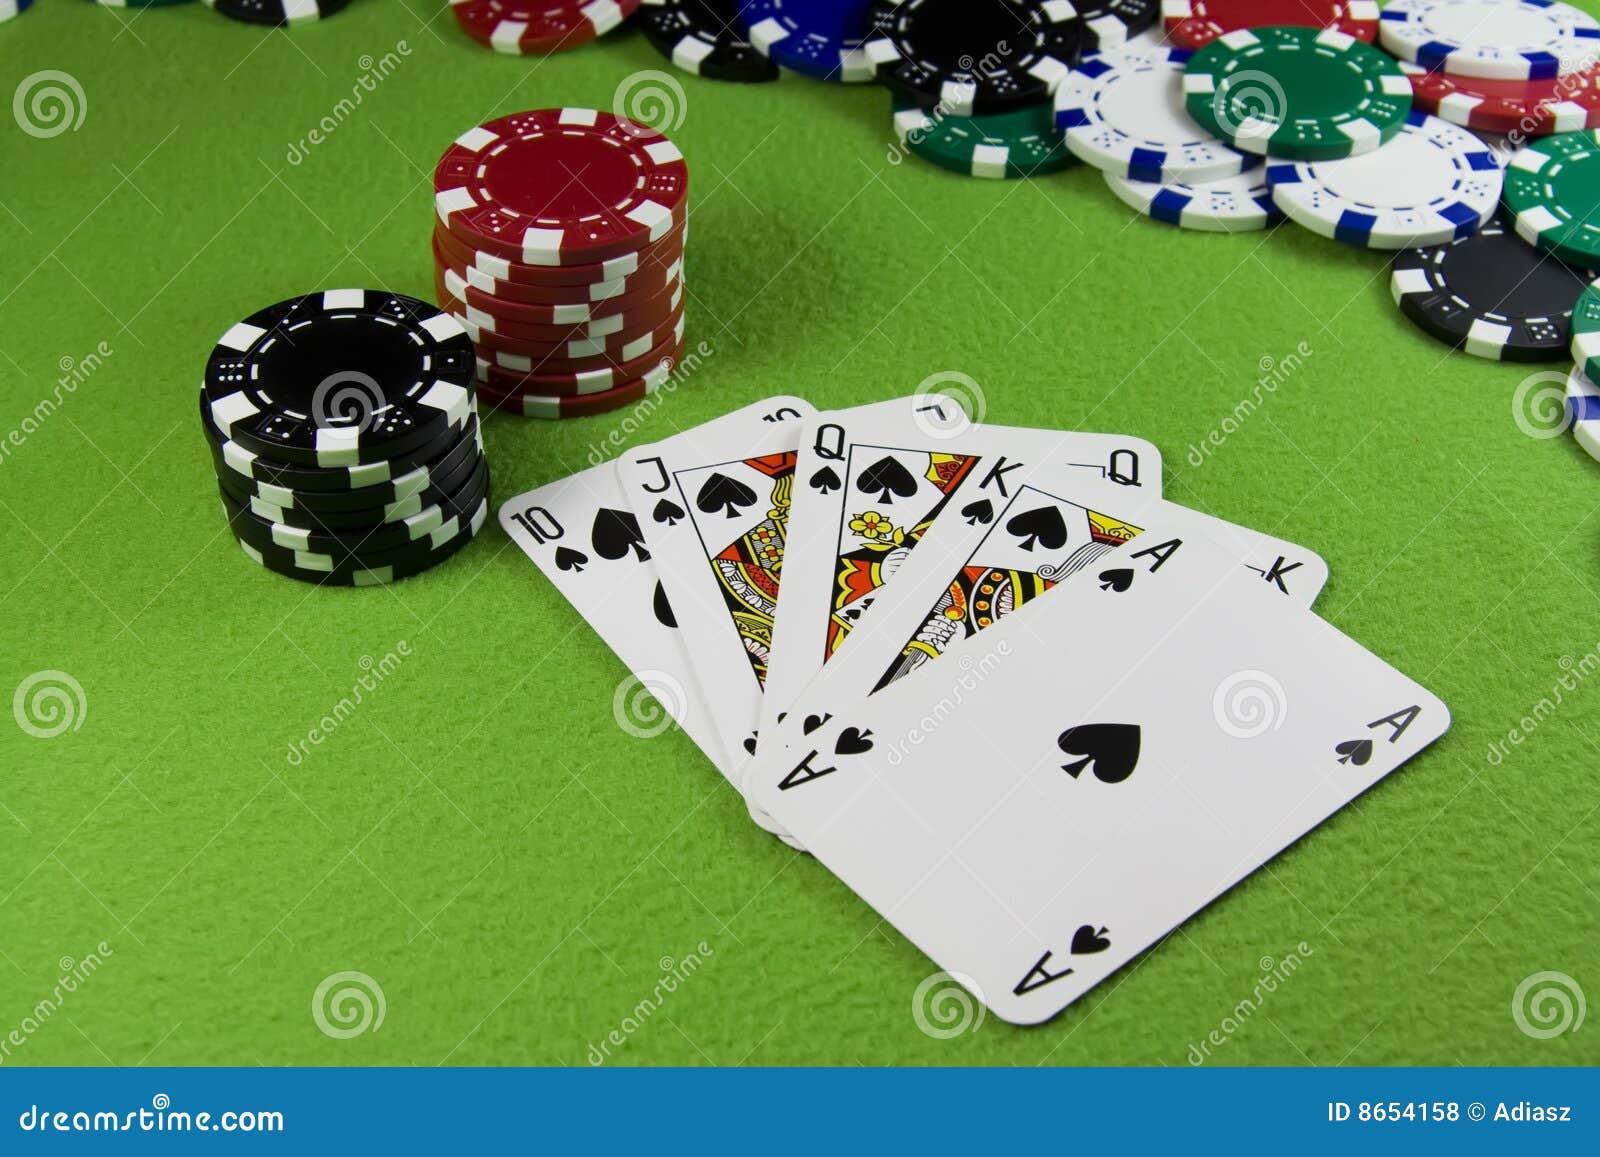 Australian poker rankings